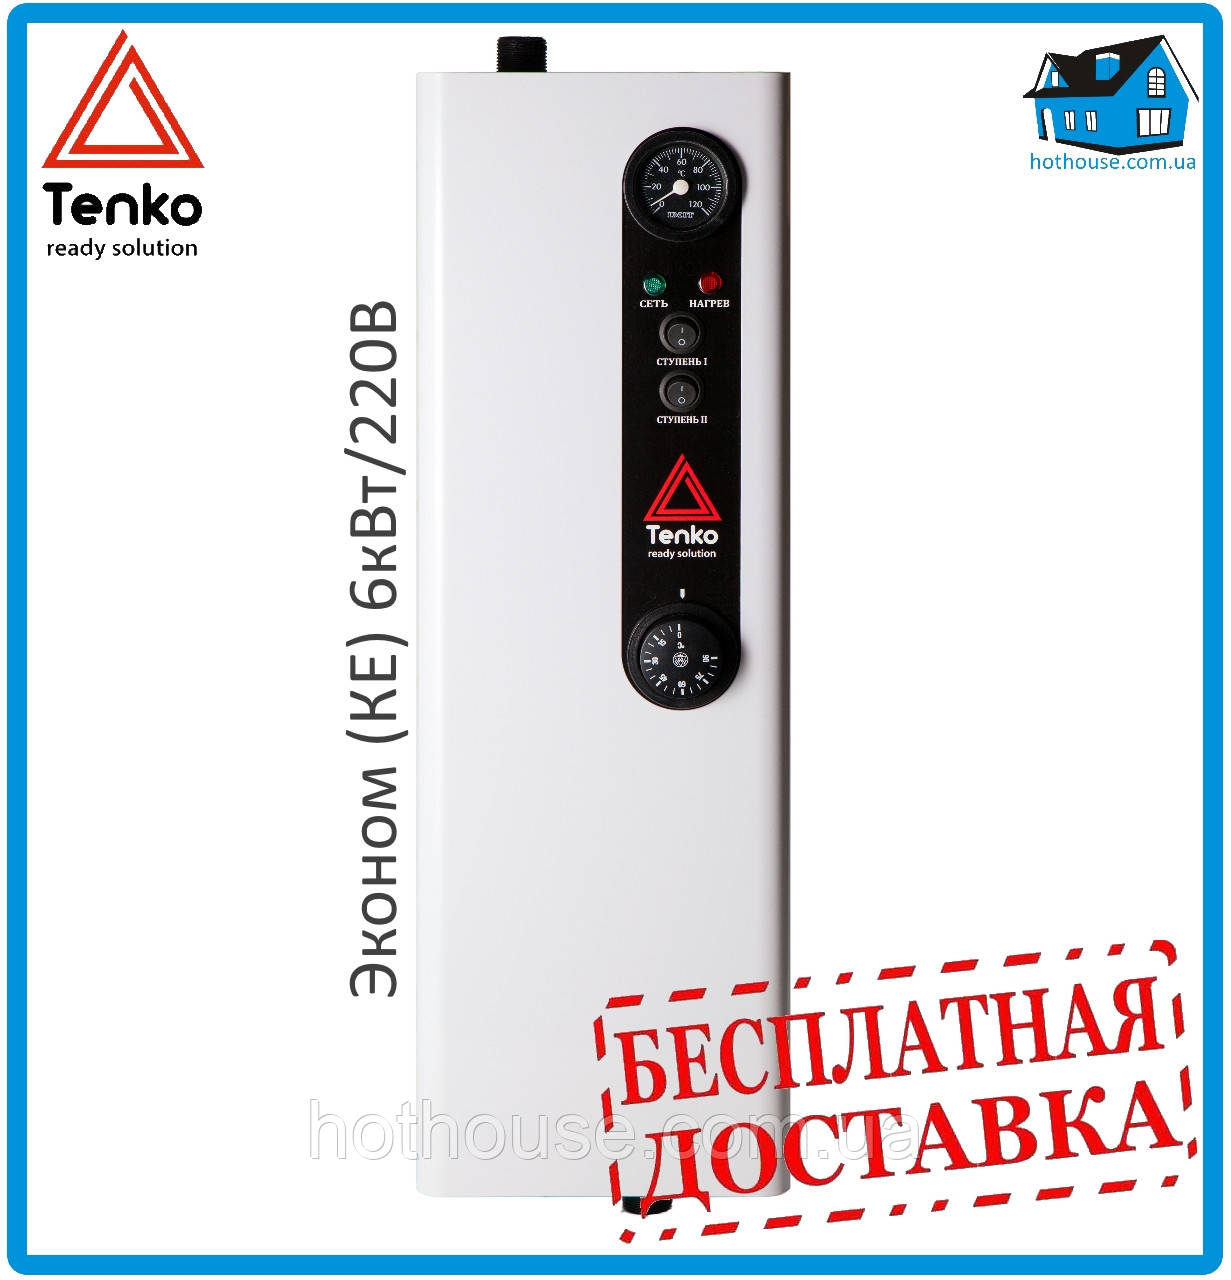 """Электрический котел ТЭНКО (TENKO) """"Эконом"""" (КЕ) 6 кВт/220 В тенко"""